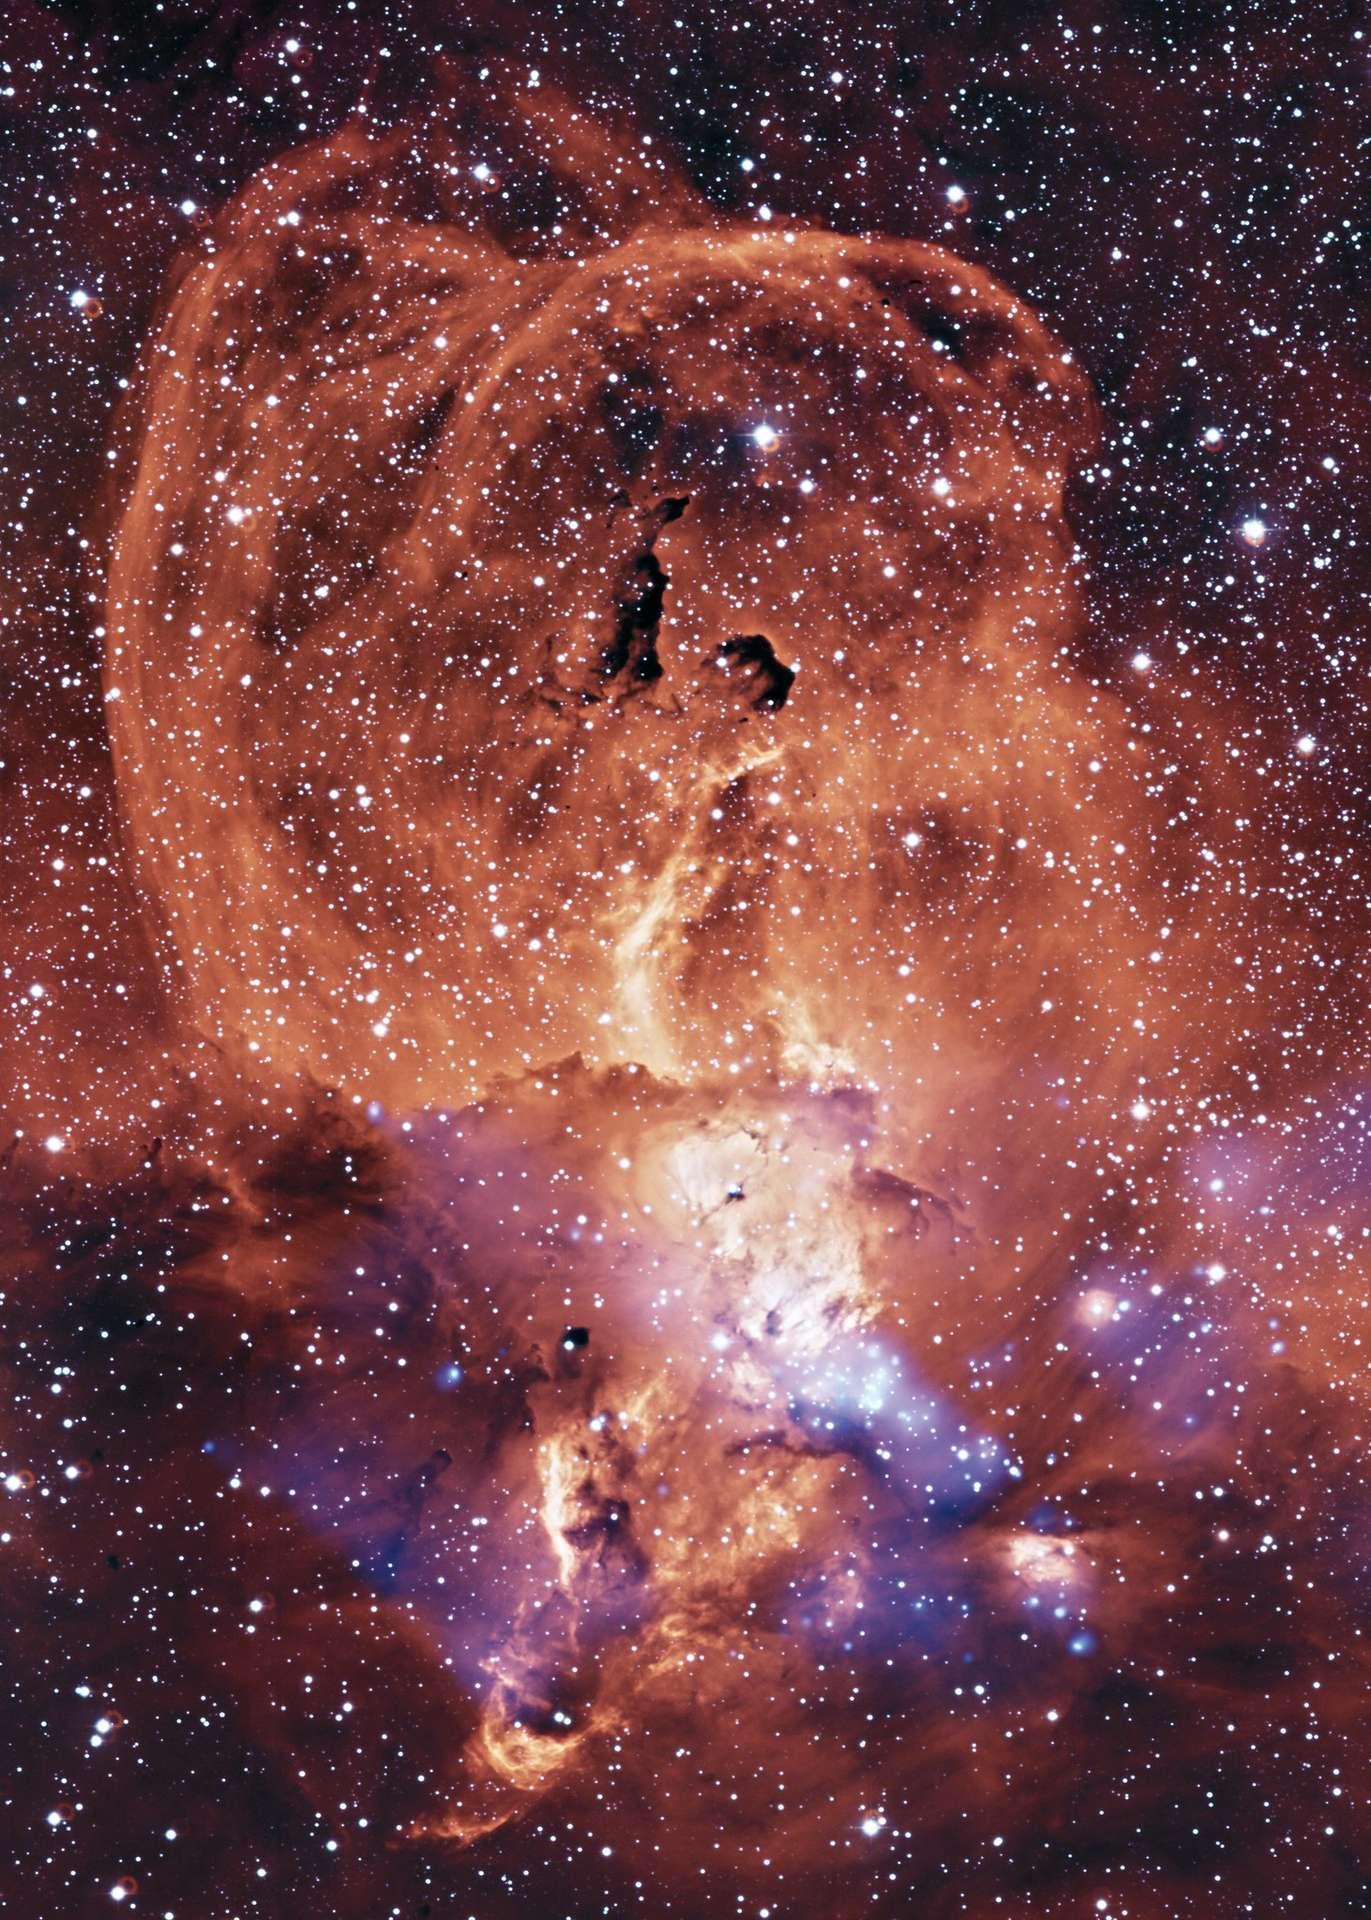 La nébuleuse NGC 3576, située à une distance de 9.000 années-lumière dans la constellation de la Carène, est surnommée nébuleuse de la Statue de la Liberté en raison de la figure statuesque que l'on peut deviner à travers ses pelotes de gaz et de poussières parsemés d'étoiles. © Harvard-Smithsonian Center for Astrophysics, Flickr, CC By-NC 2.0